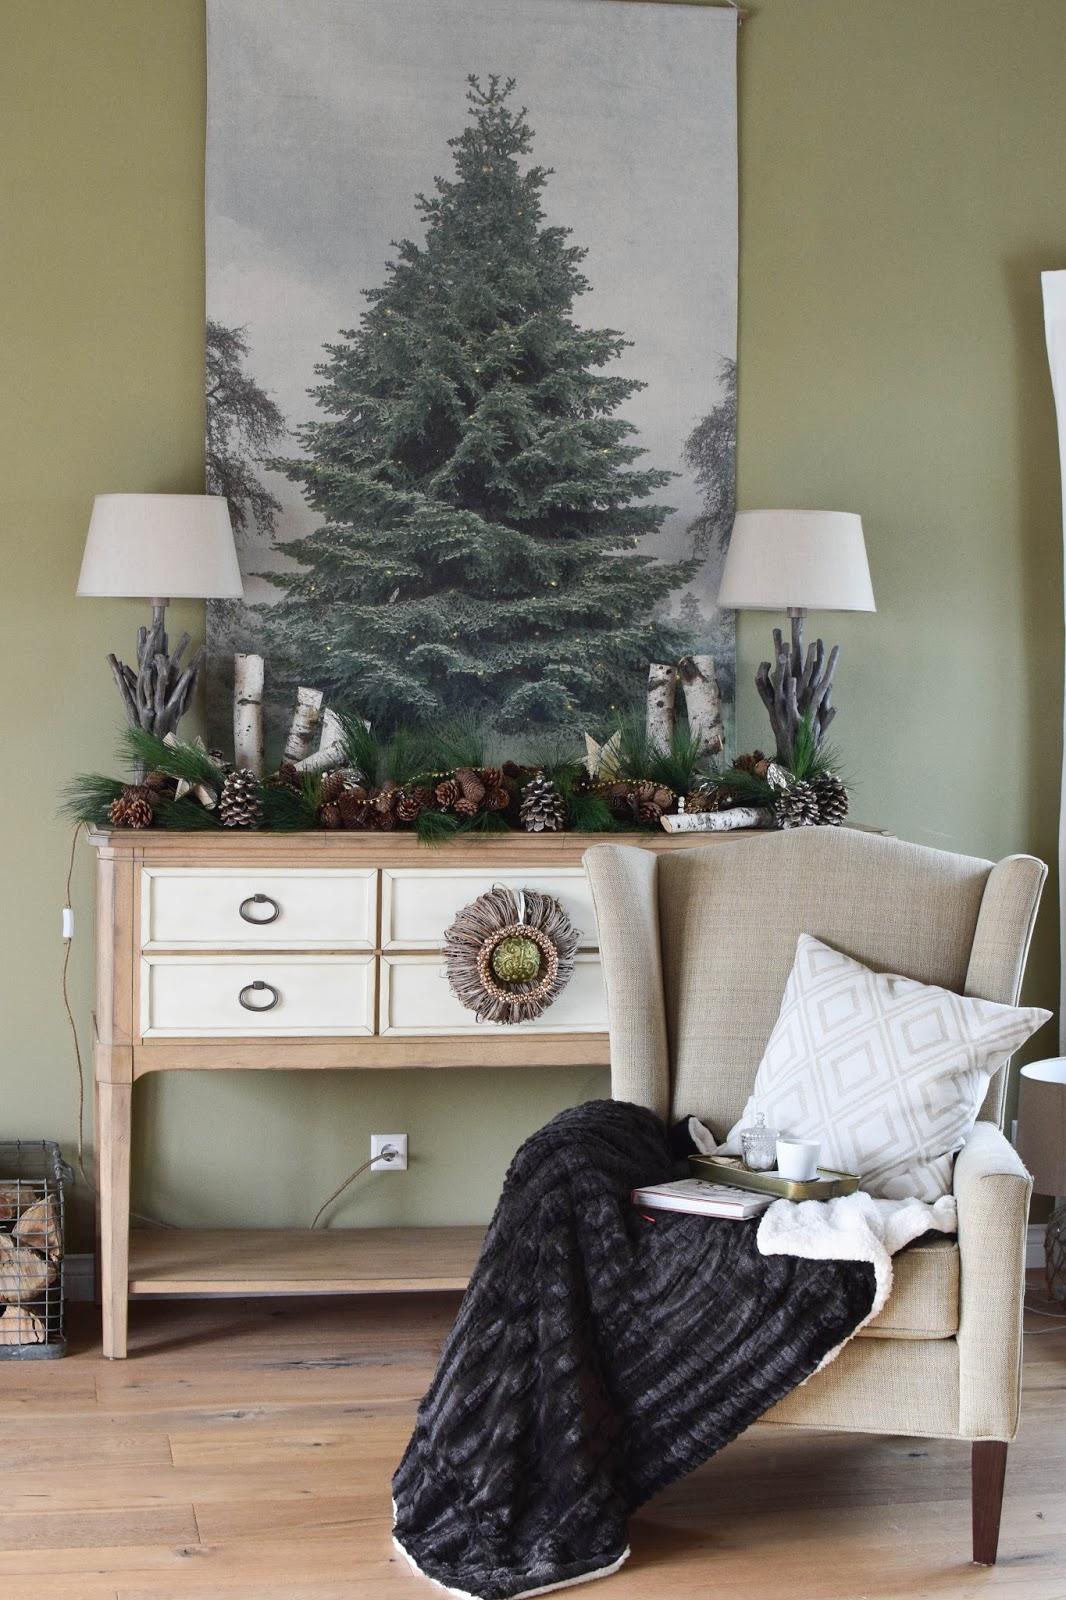 Weihnachtsbaum für die Wand: Weihnachtsdeko mal anders. Einfach und schnelle mit Lichterkette Tannenbaum auf Leinwand, Dekoidee, Deko, Weihnachtsdeko, Wohnzimmer, Sideboard, natürliche Deko